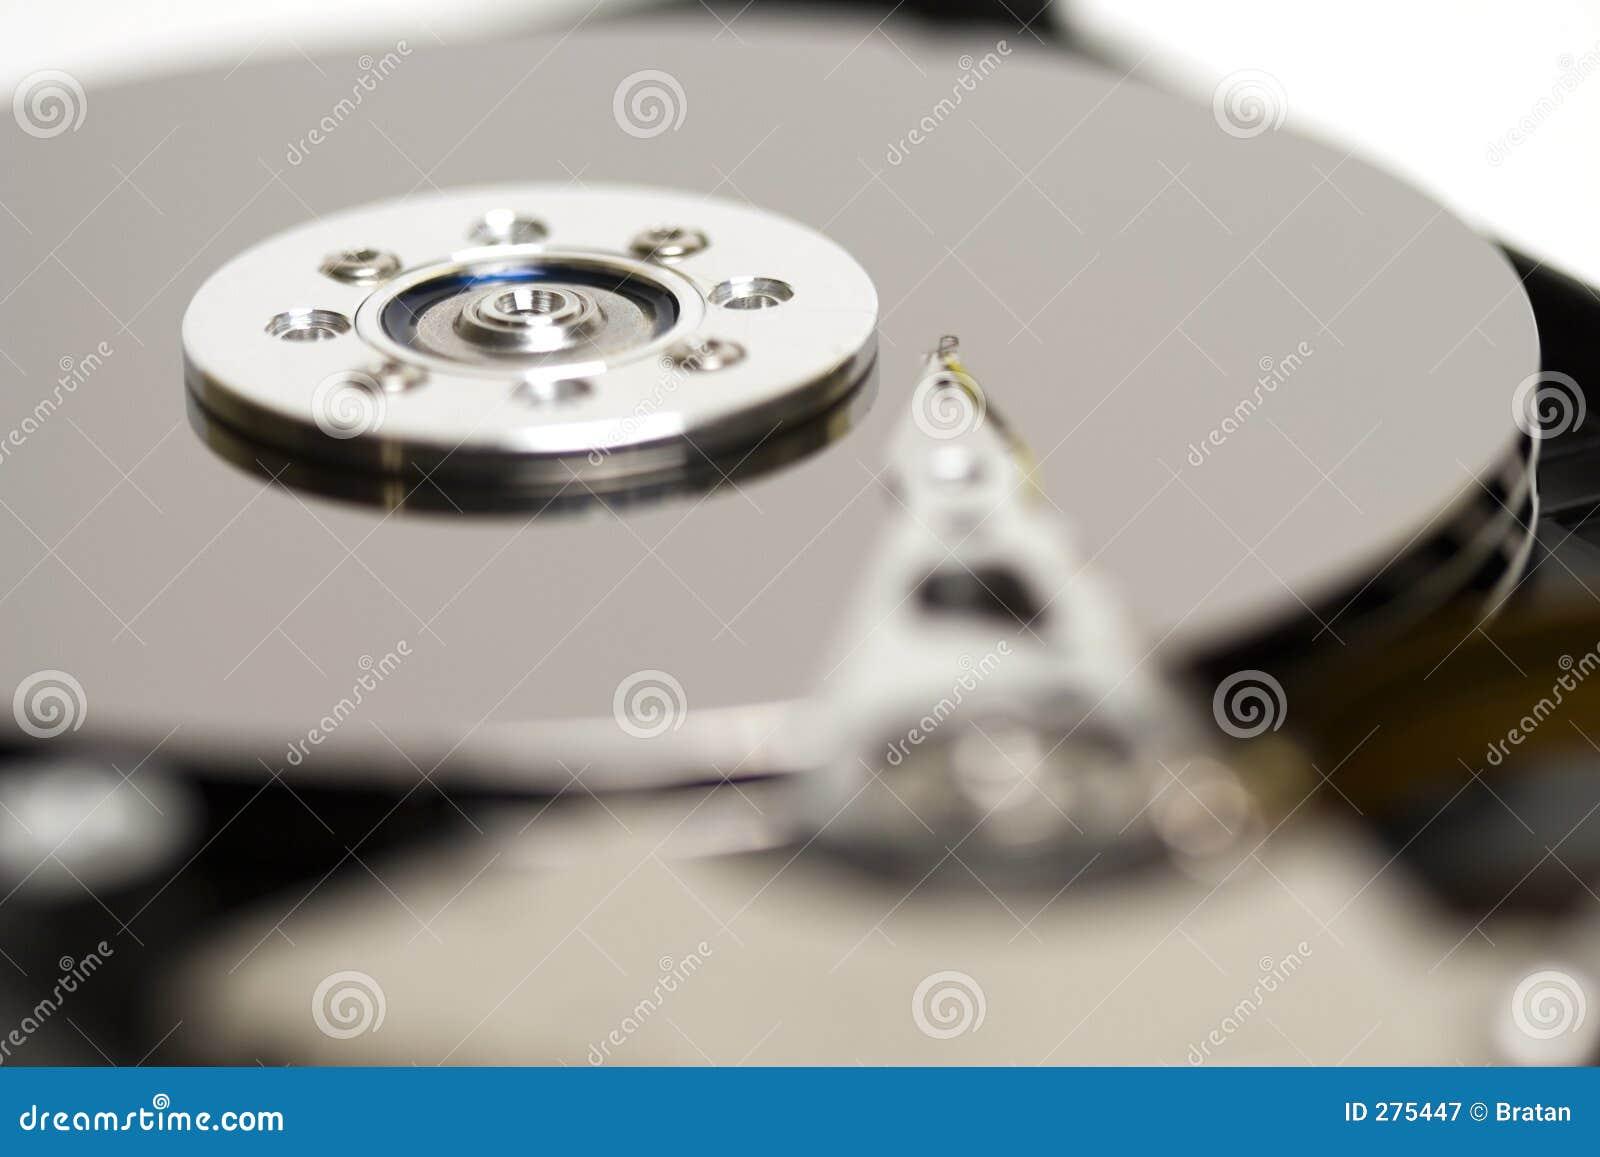 Close-up HDD